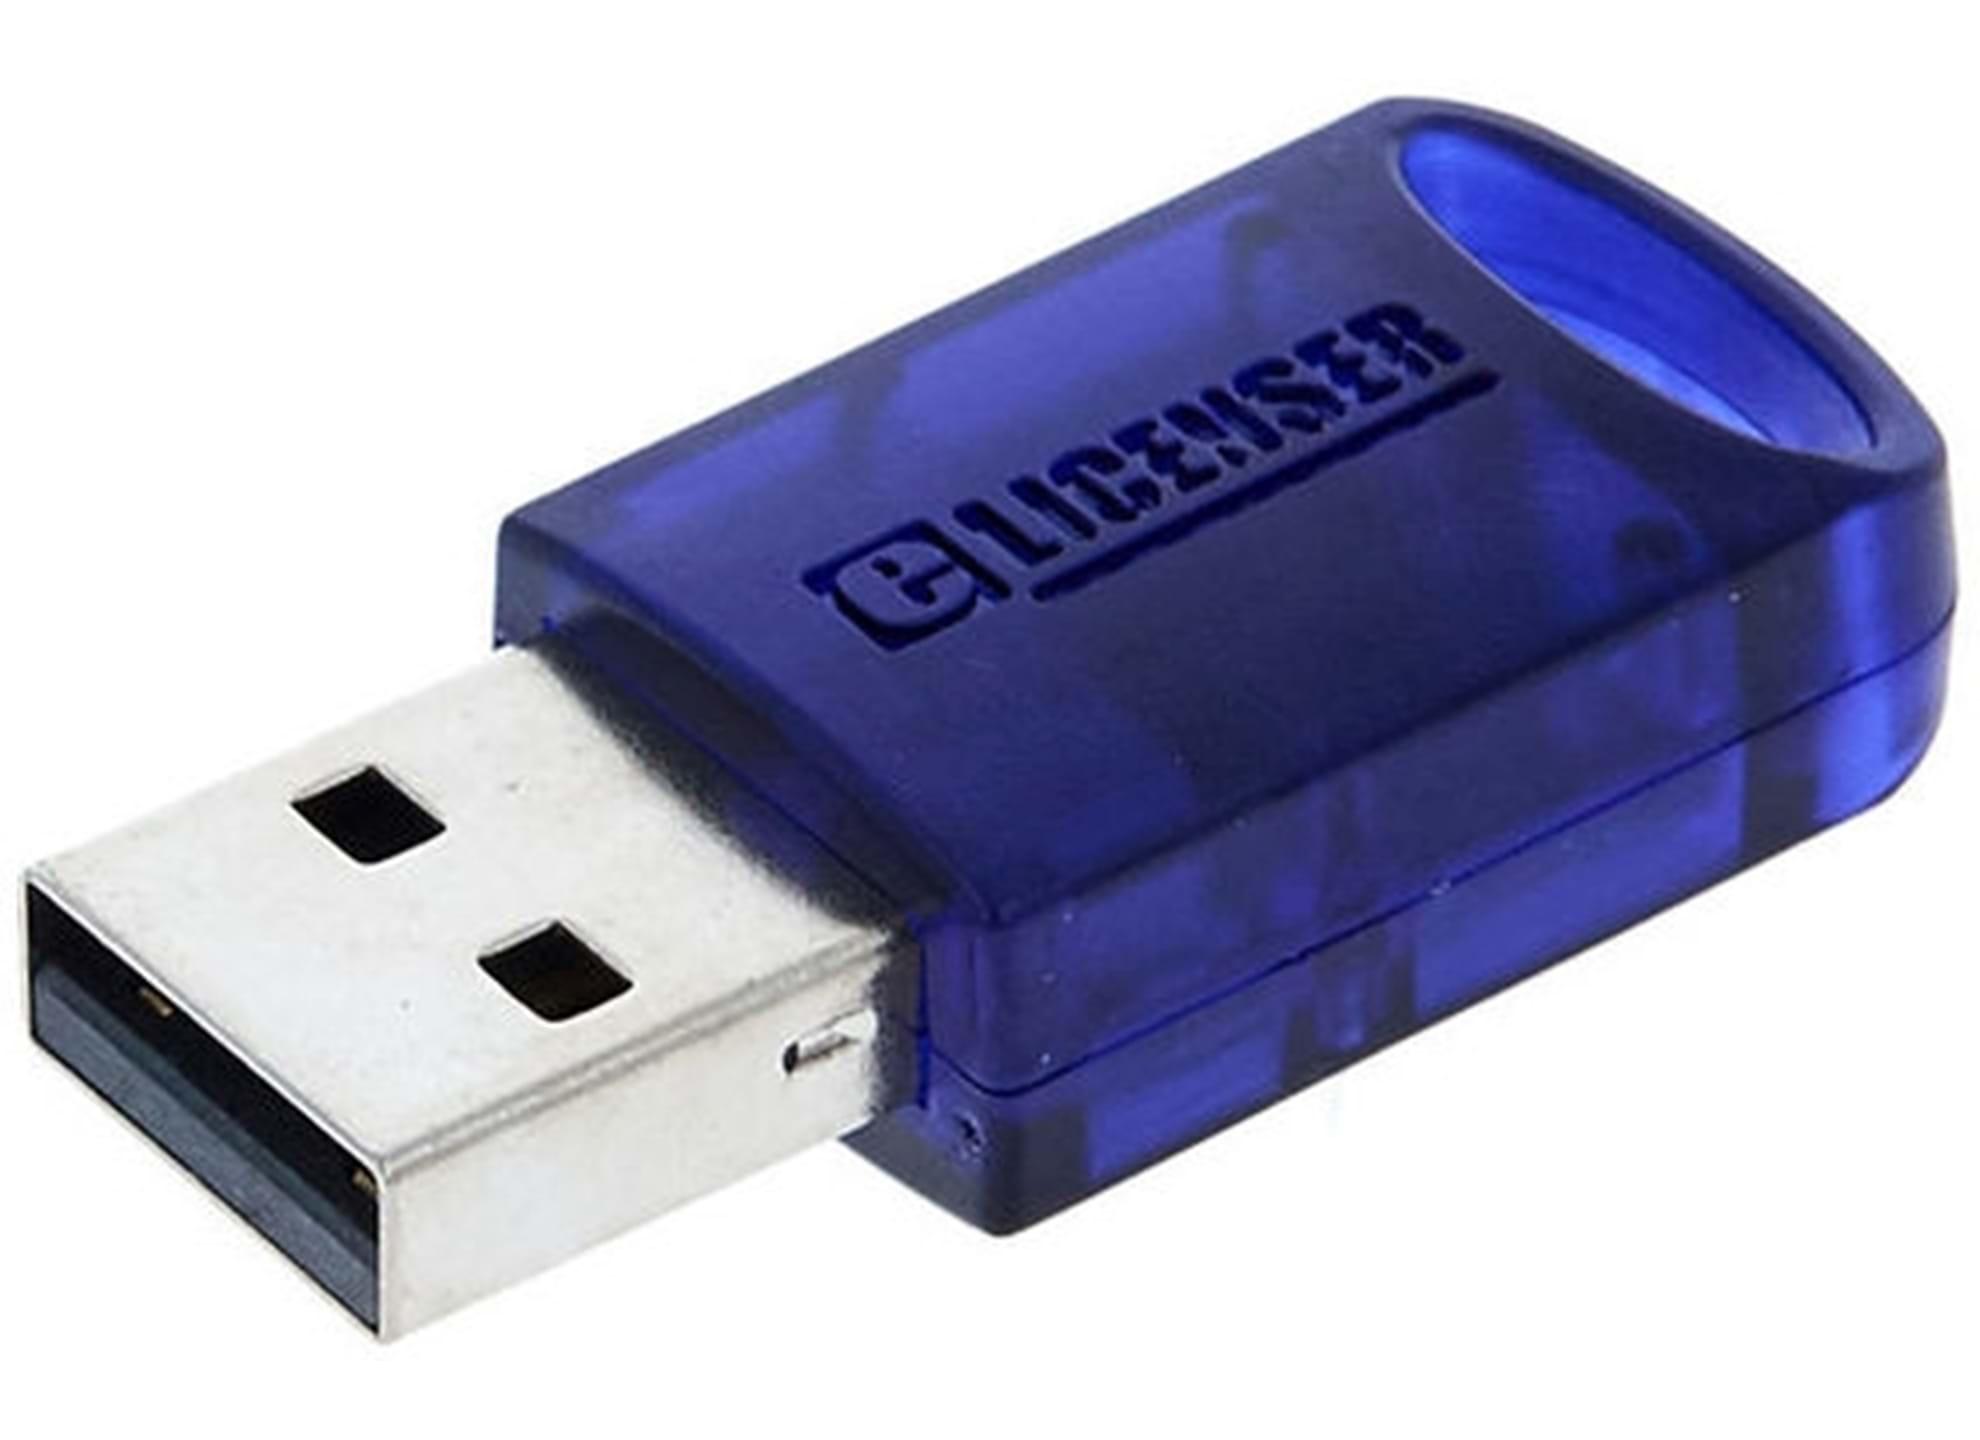 Key / eLicenser